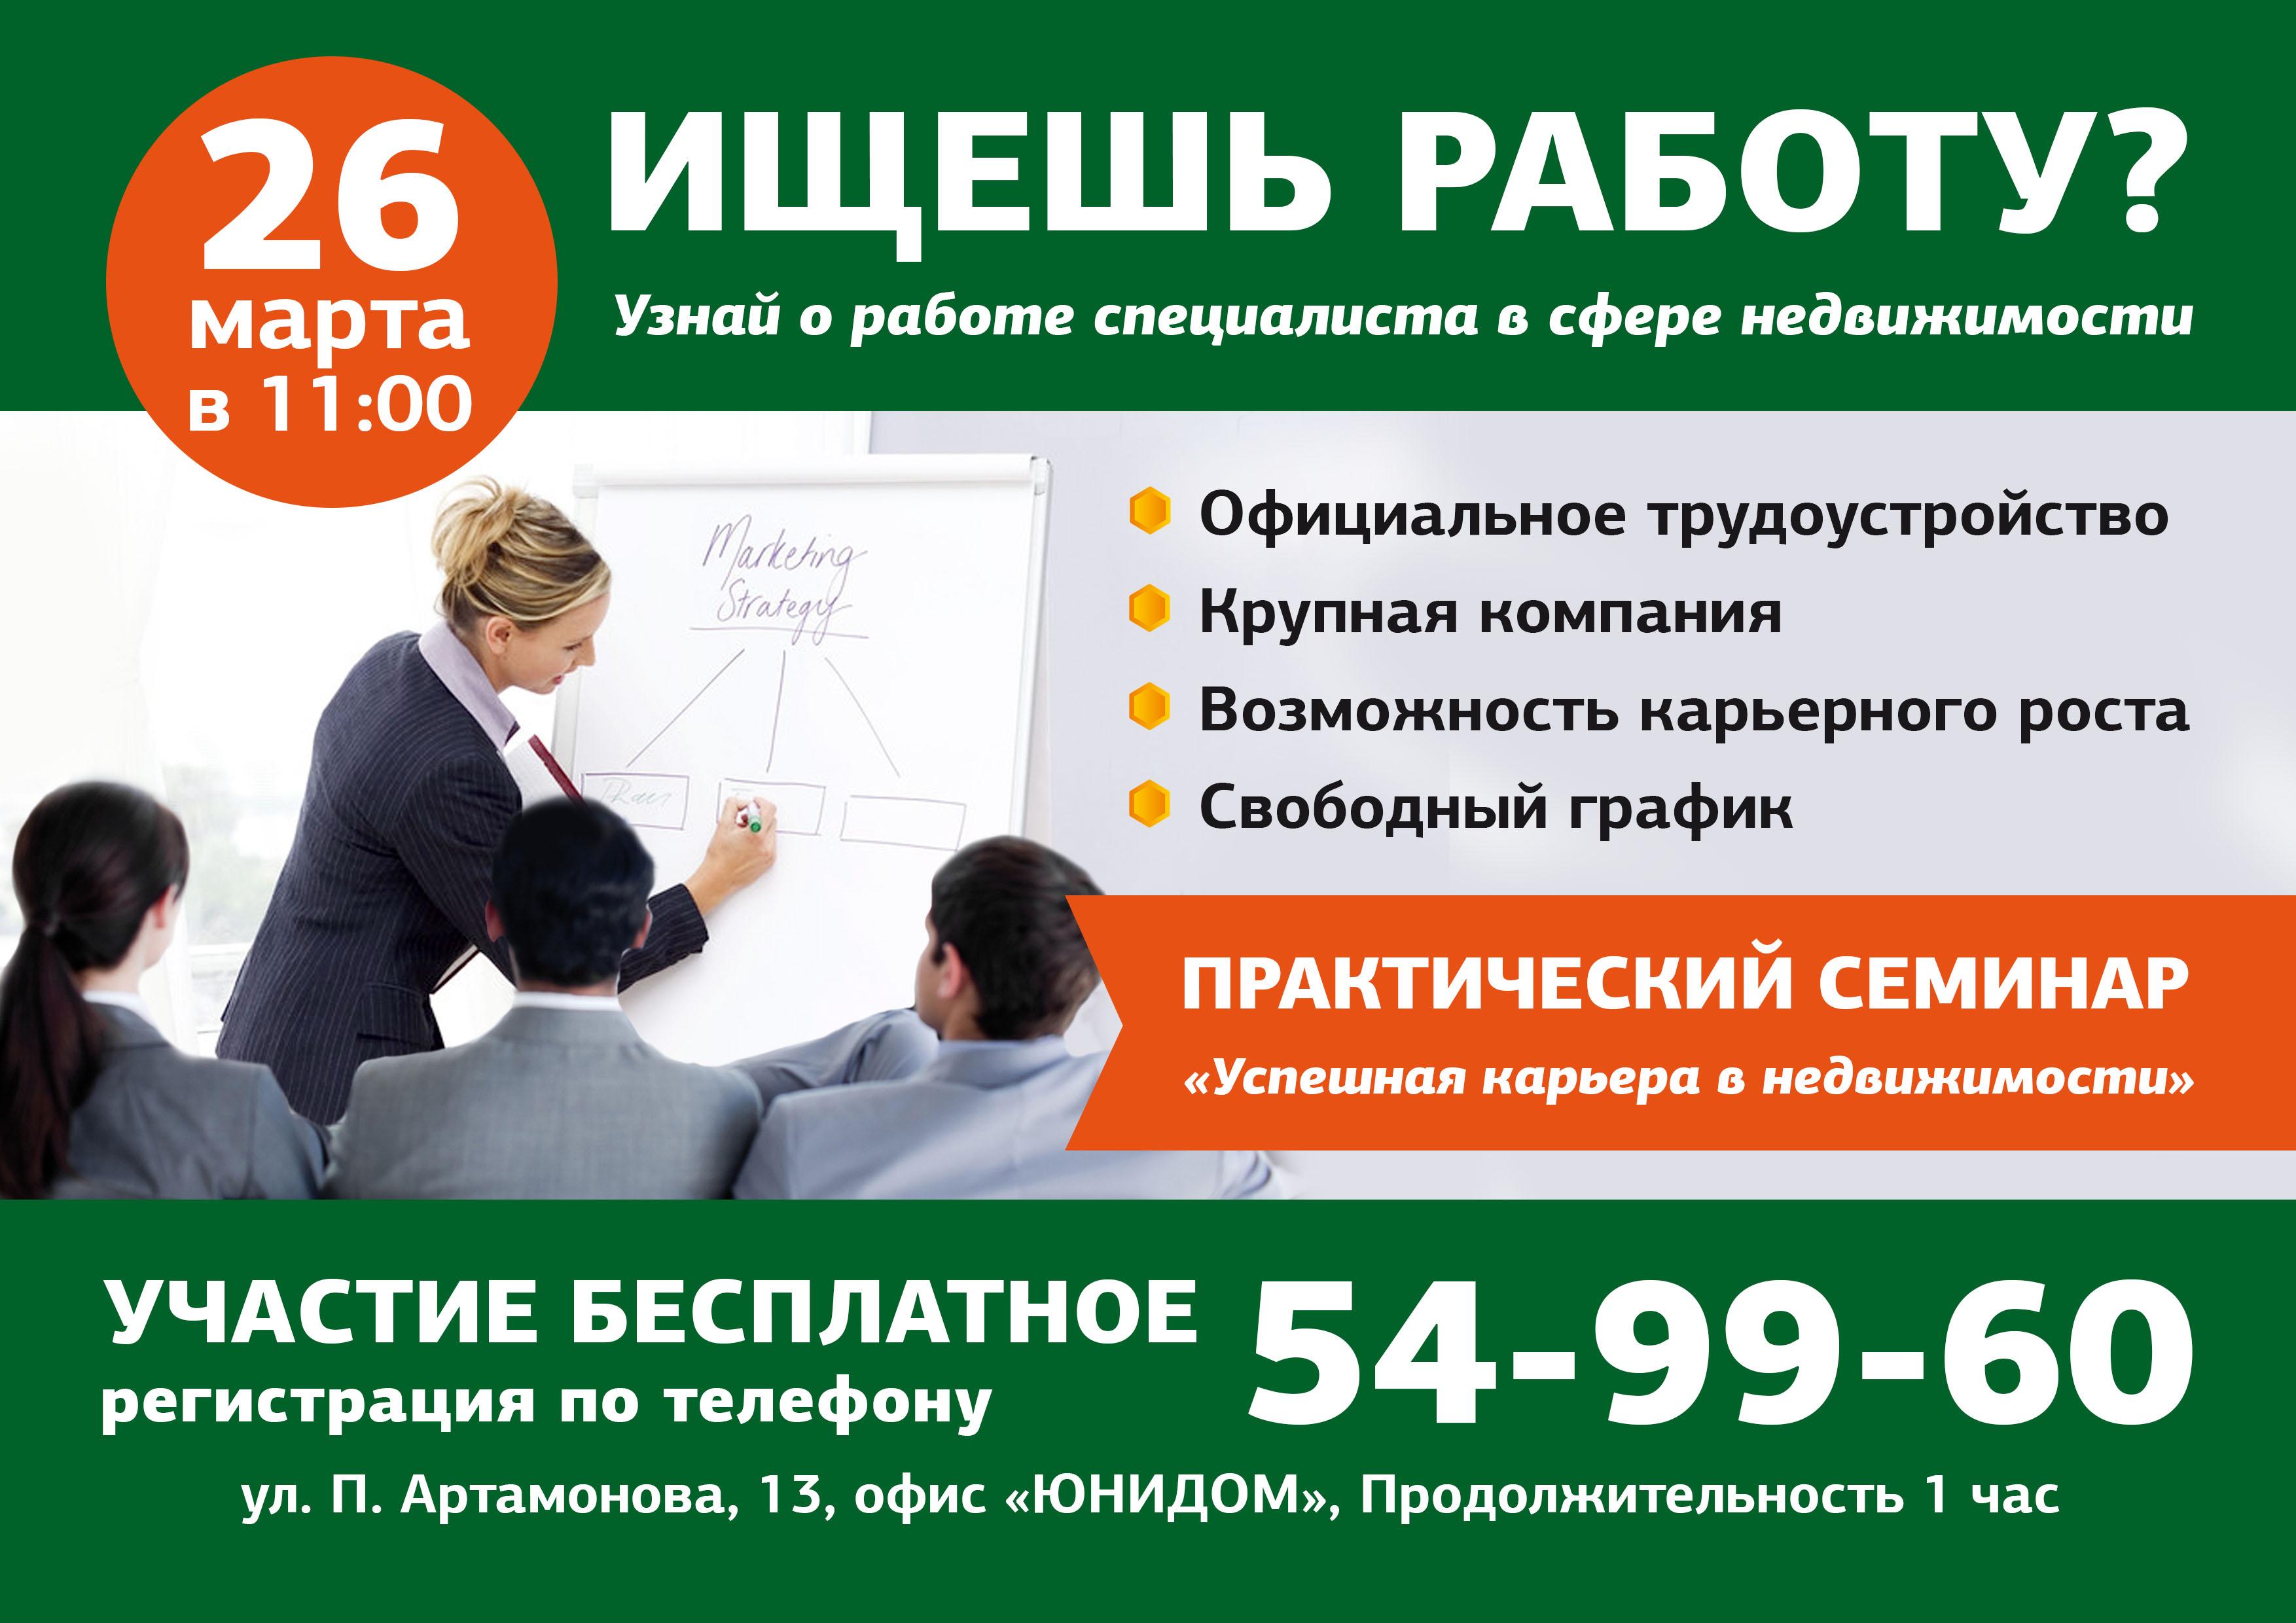 Практический семинар «Успешная карьера в недвижимости»